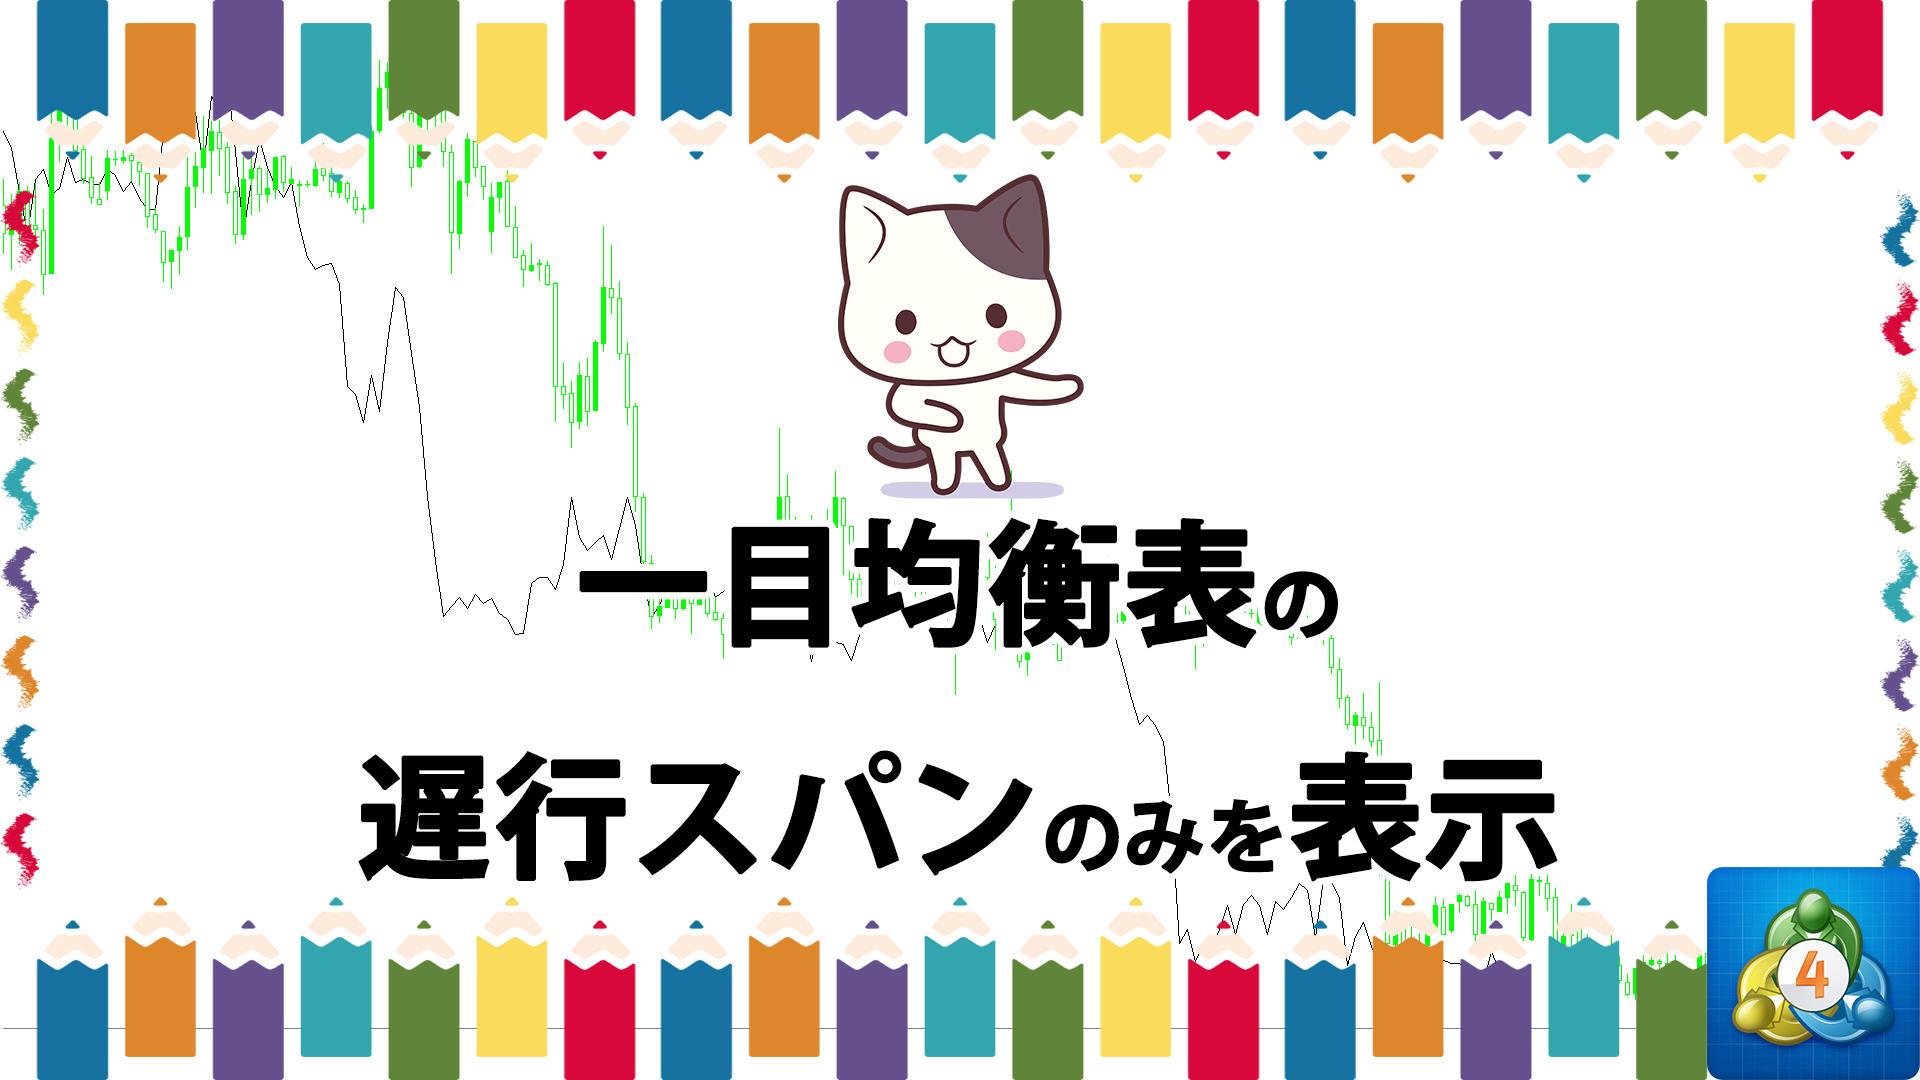 一目均衡表の遅行スパンのみを表示するMT4インジケーター「WIchimokuChikou」